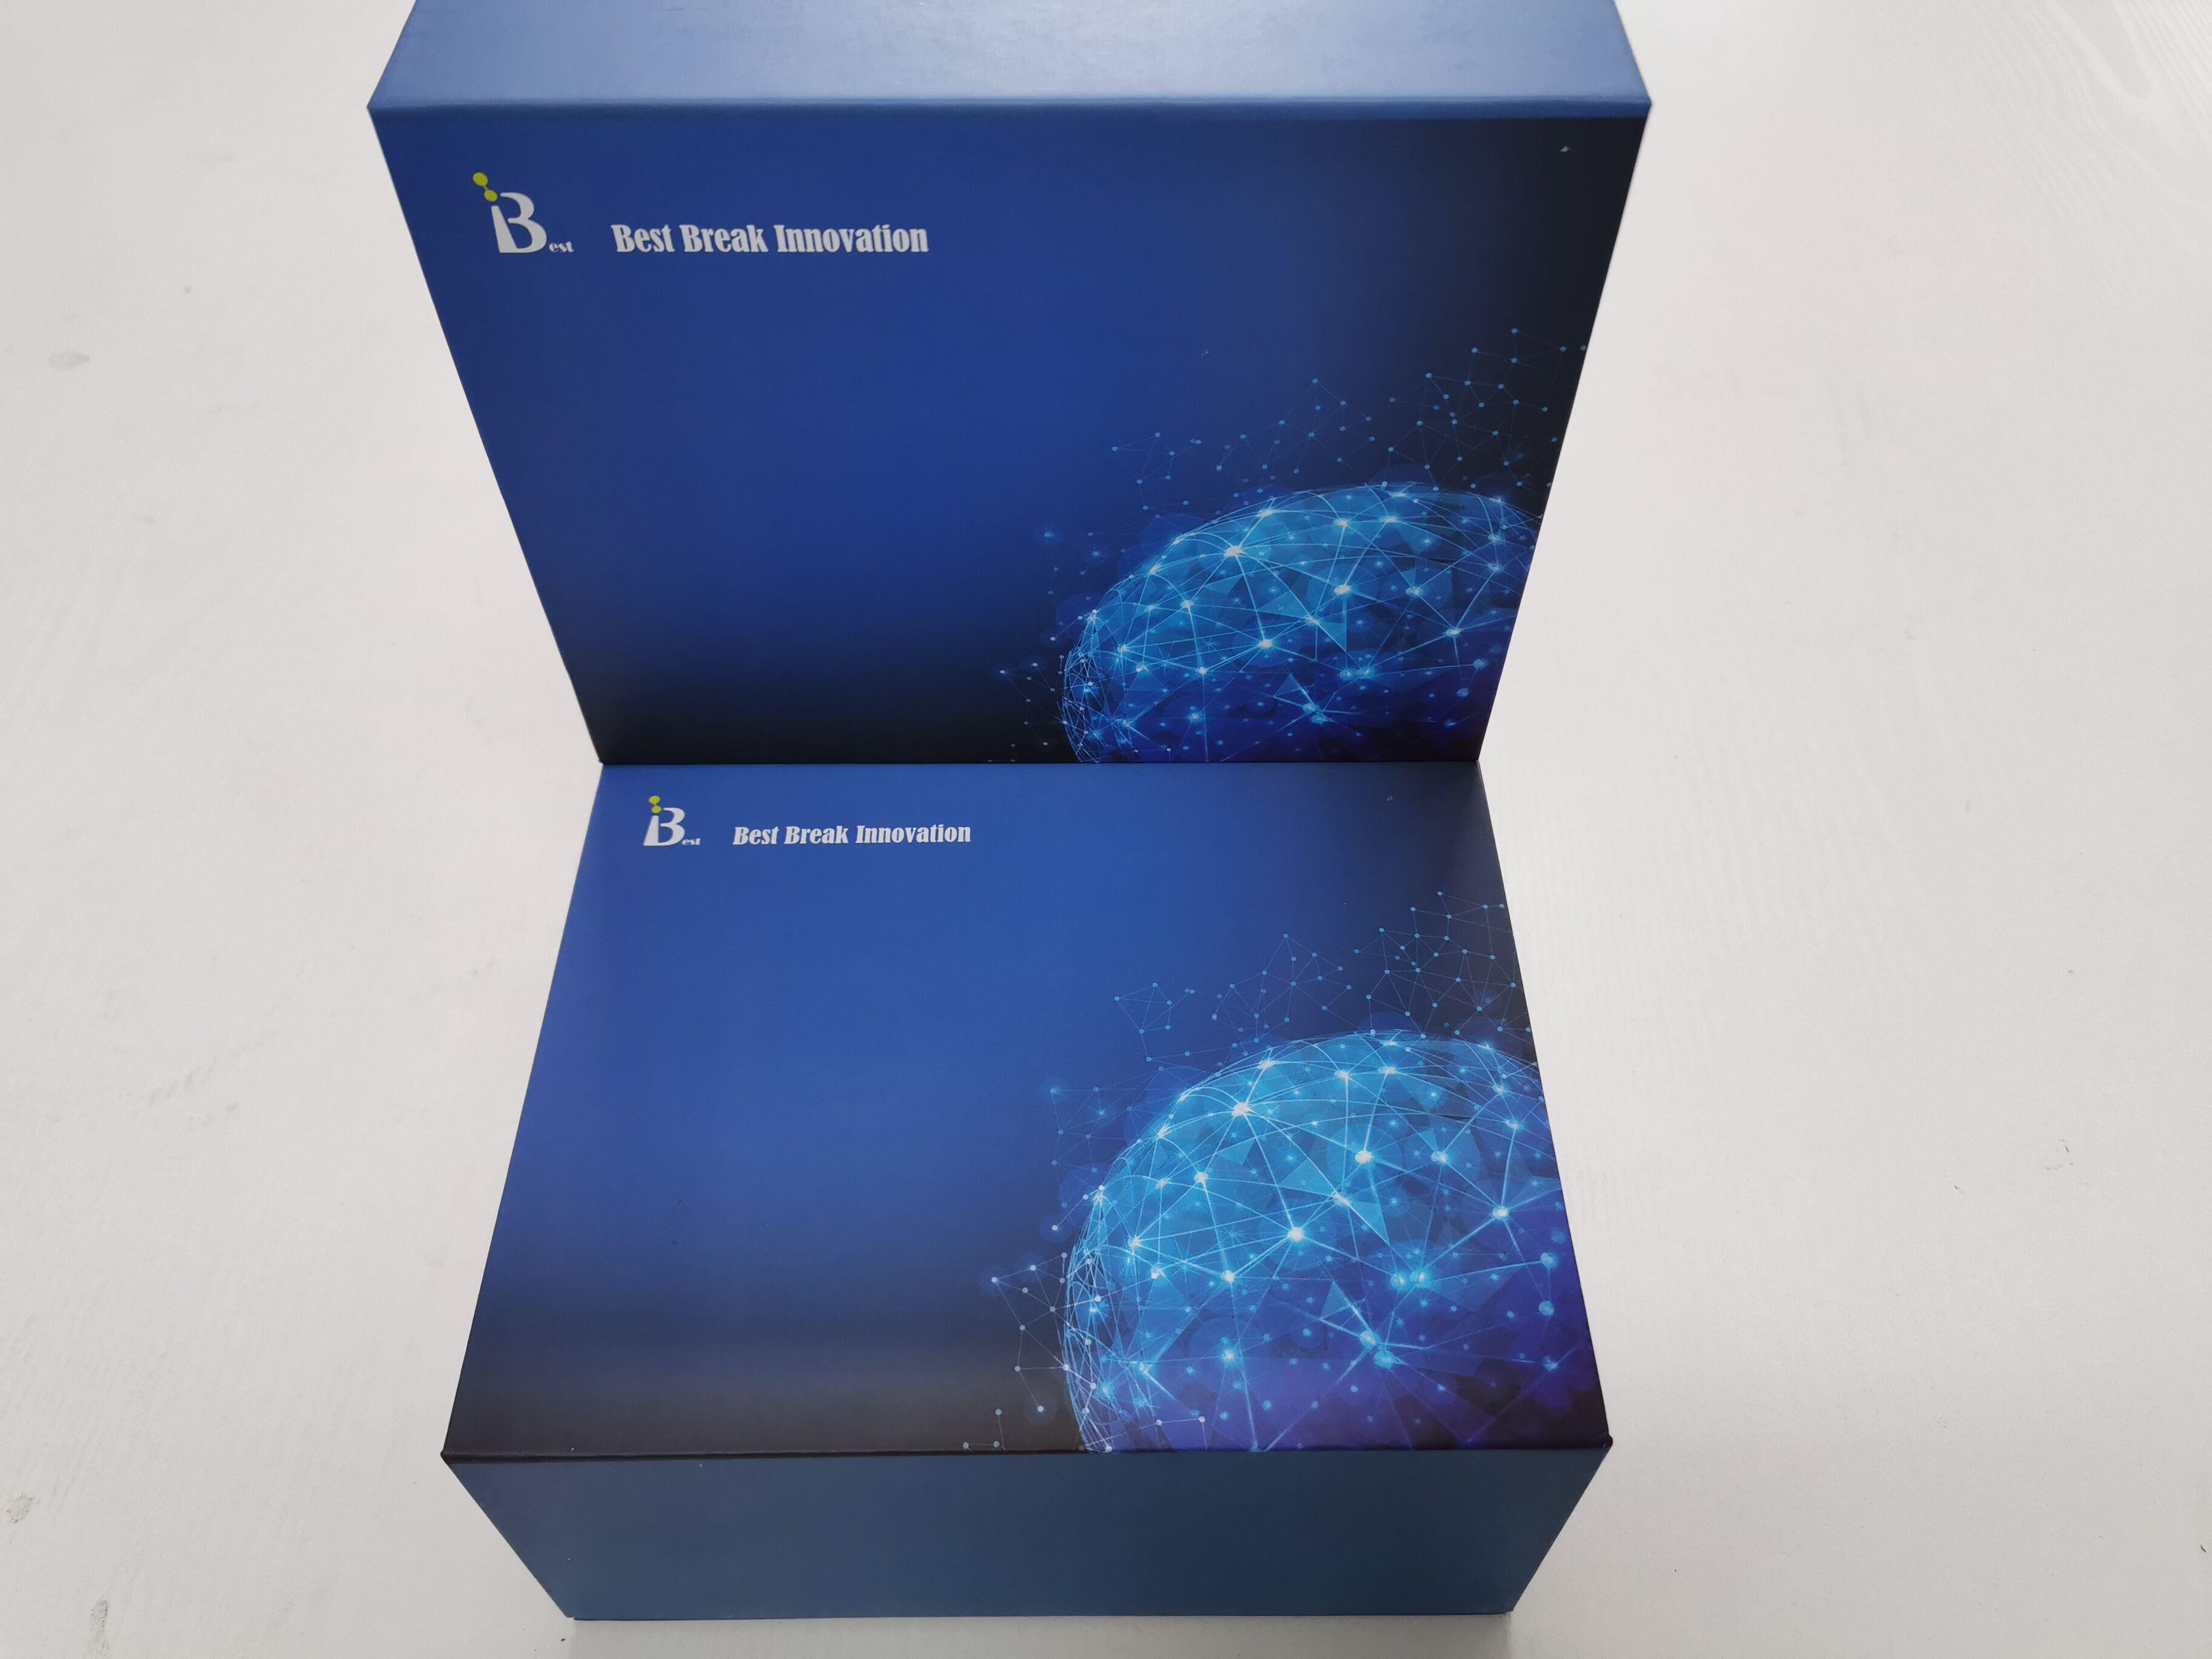 昆虫蜕皮激素酶联免疫试剂盒